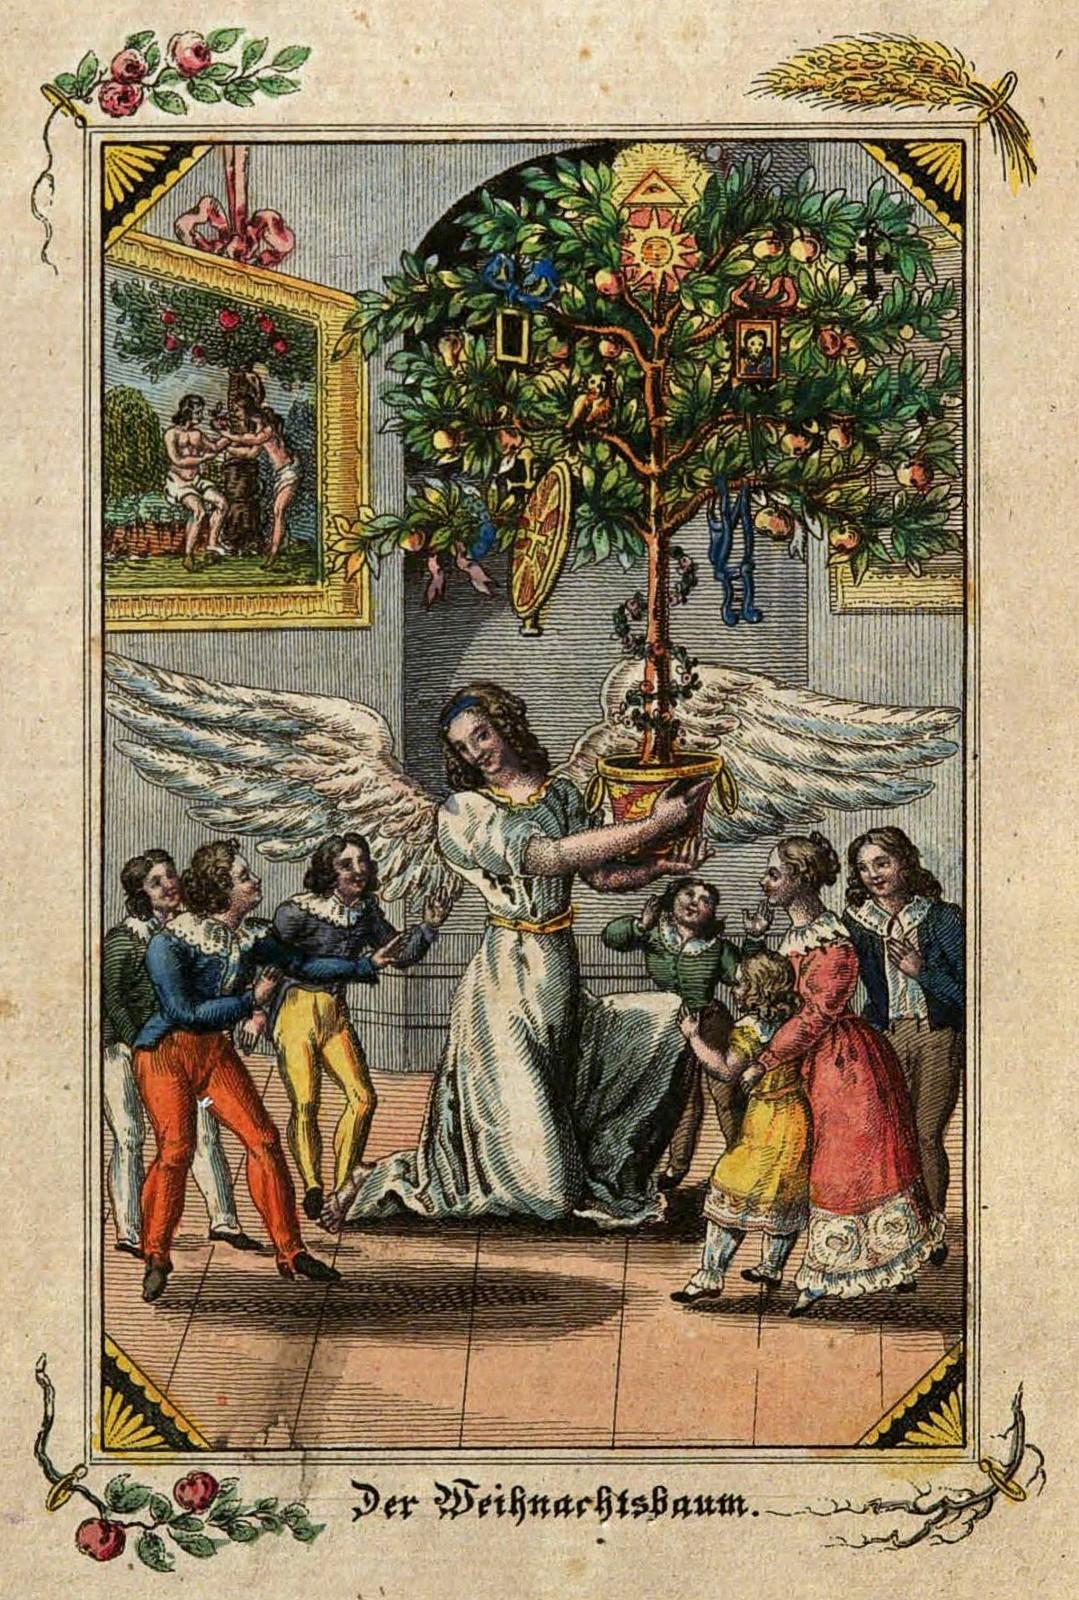 Pre-Gébelin Tarot History: Luther, Cranach, And Christmas